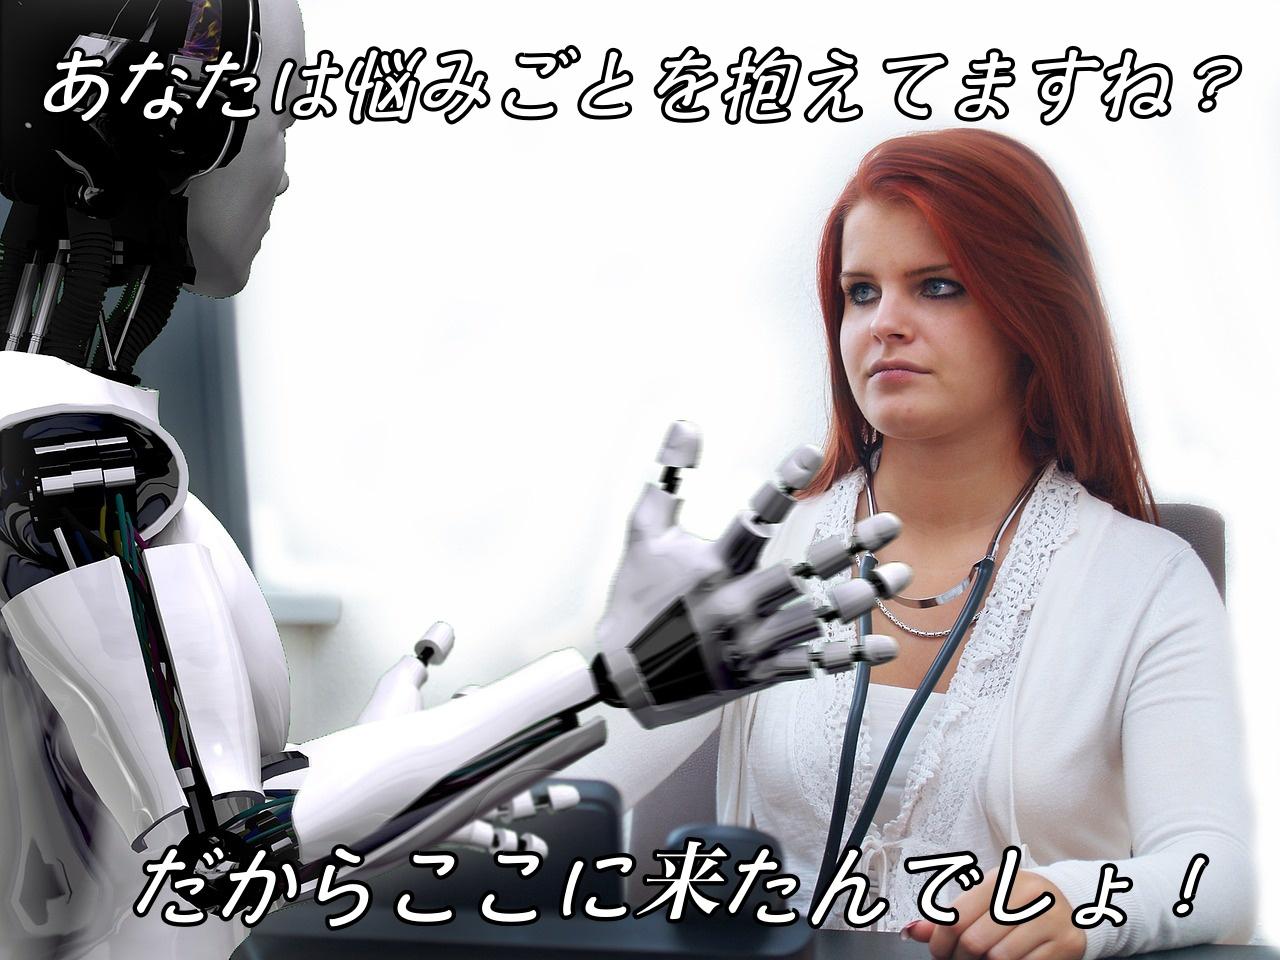 会話しているロボットと女性